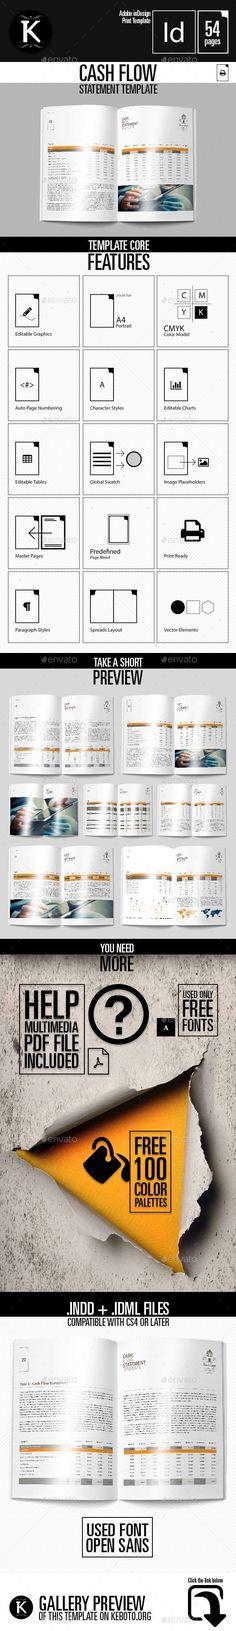 Cash Flow Statement 4 Business Templates Pinterest Cash flow - business statement template